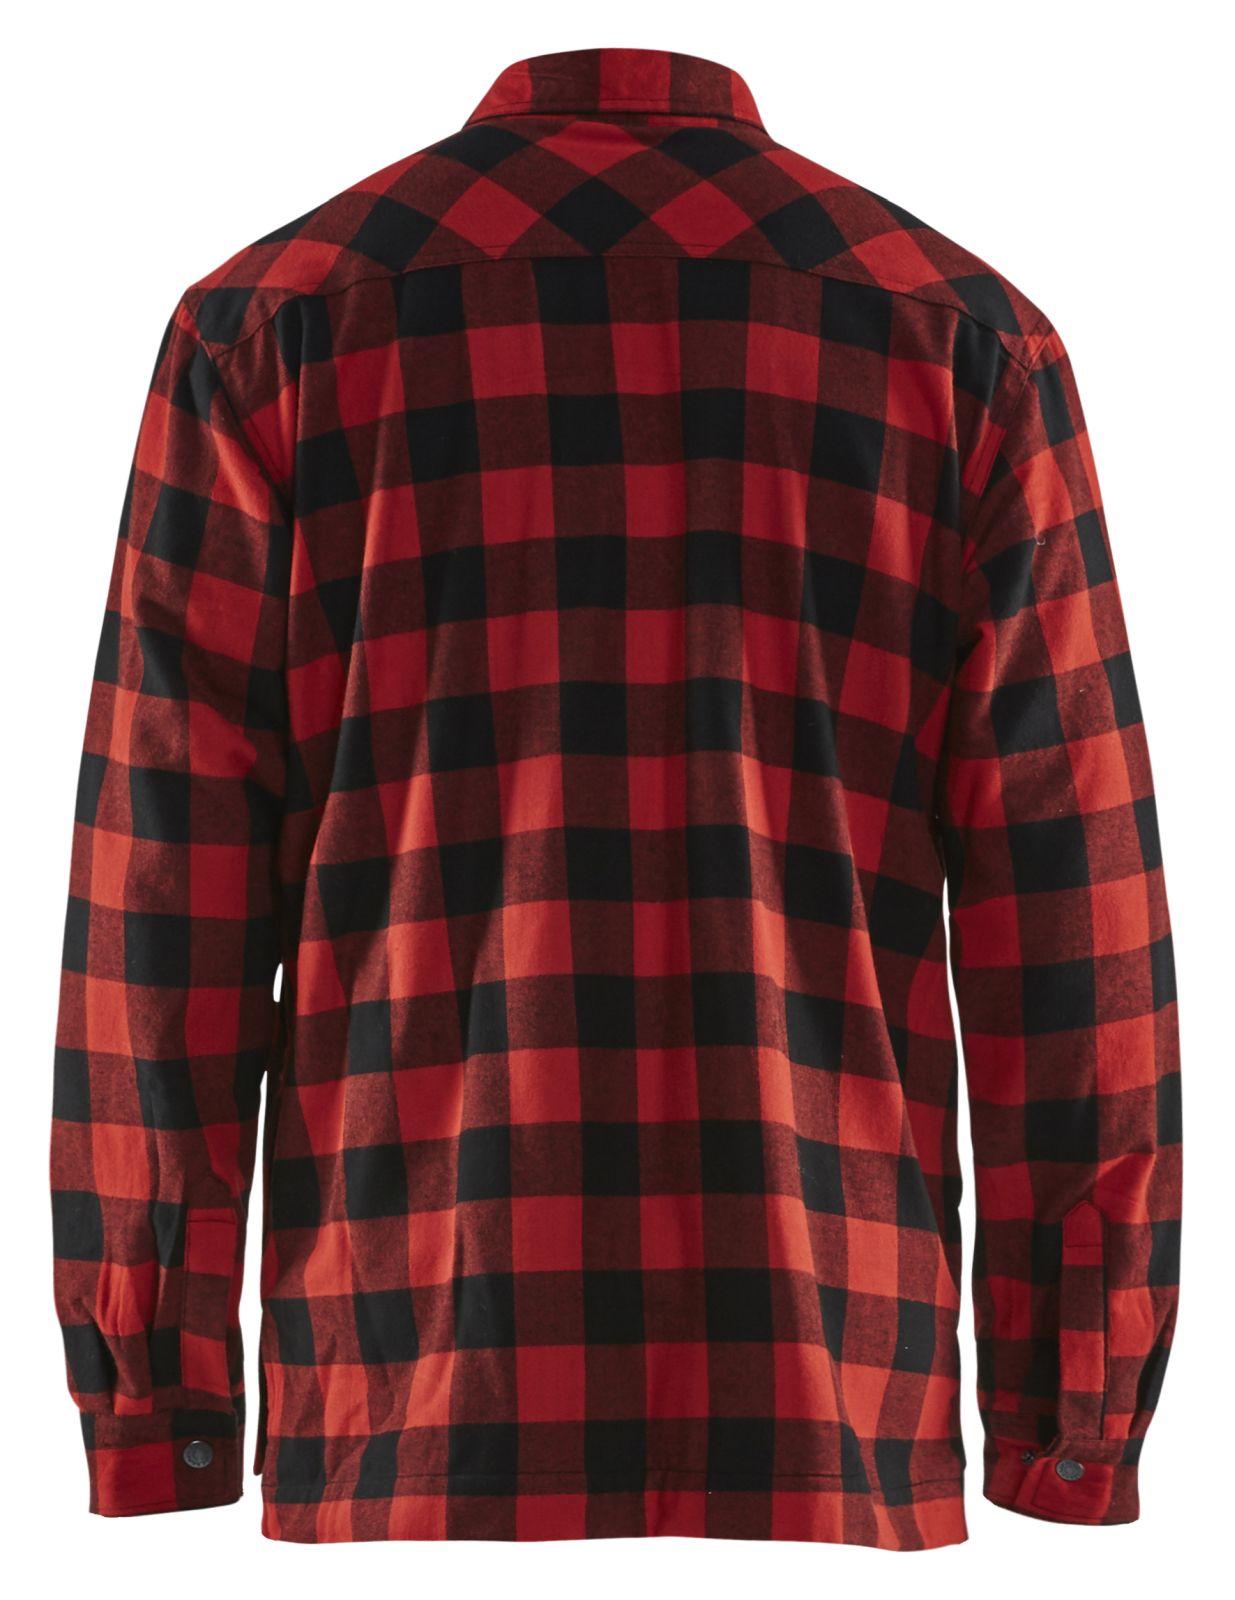 Blaklader Shirts 32251131 rood-zwart(5699)